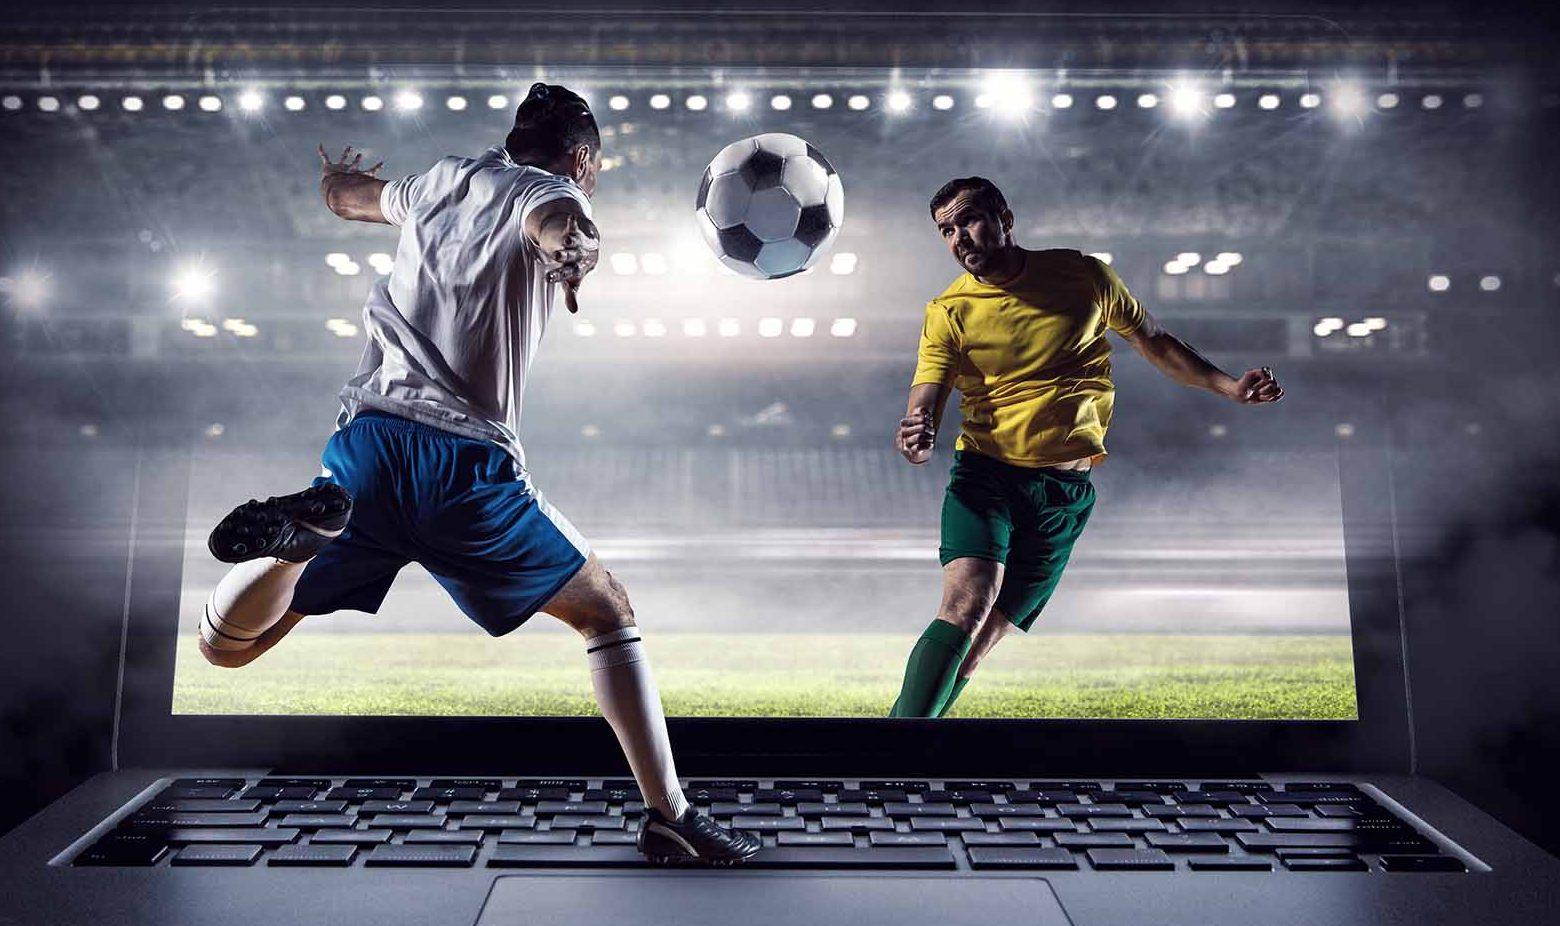 Болеть за футбол и выигрывать деньги